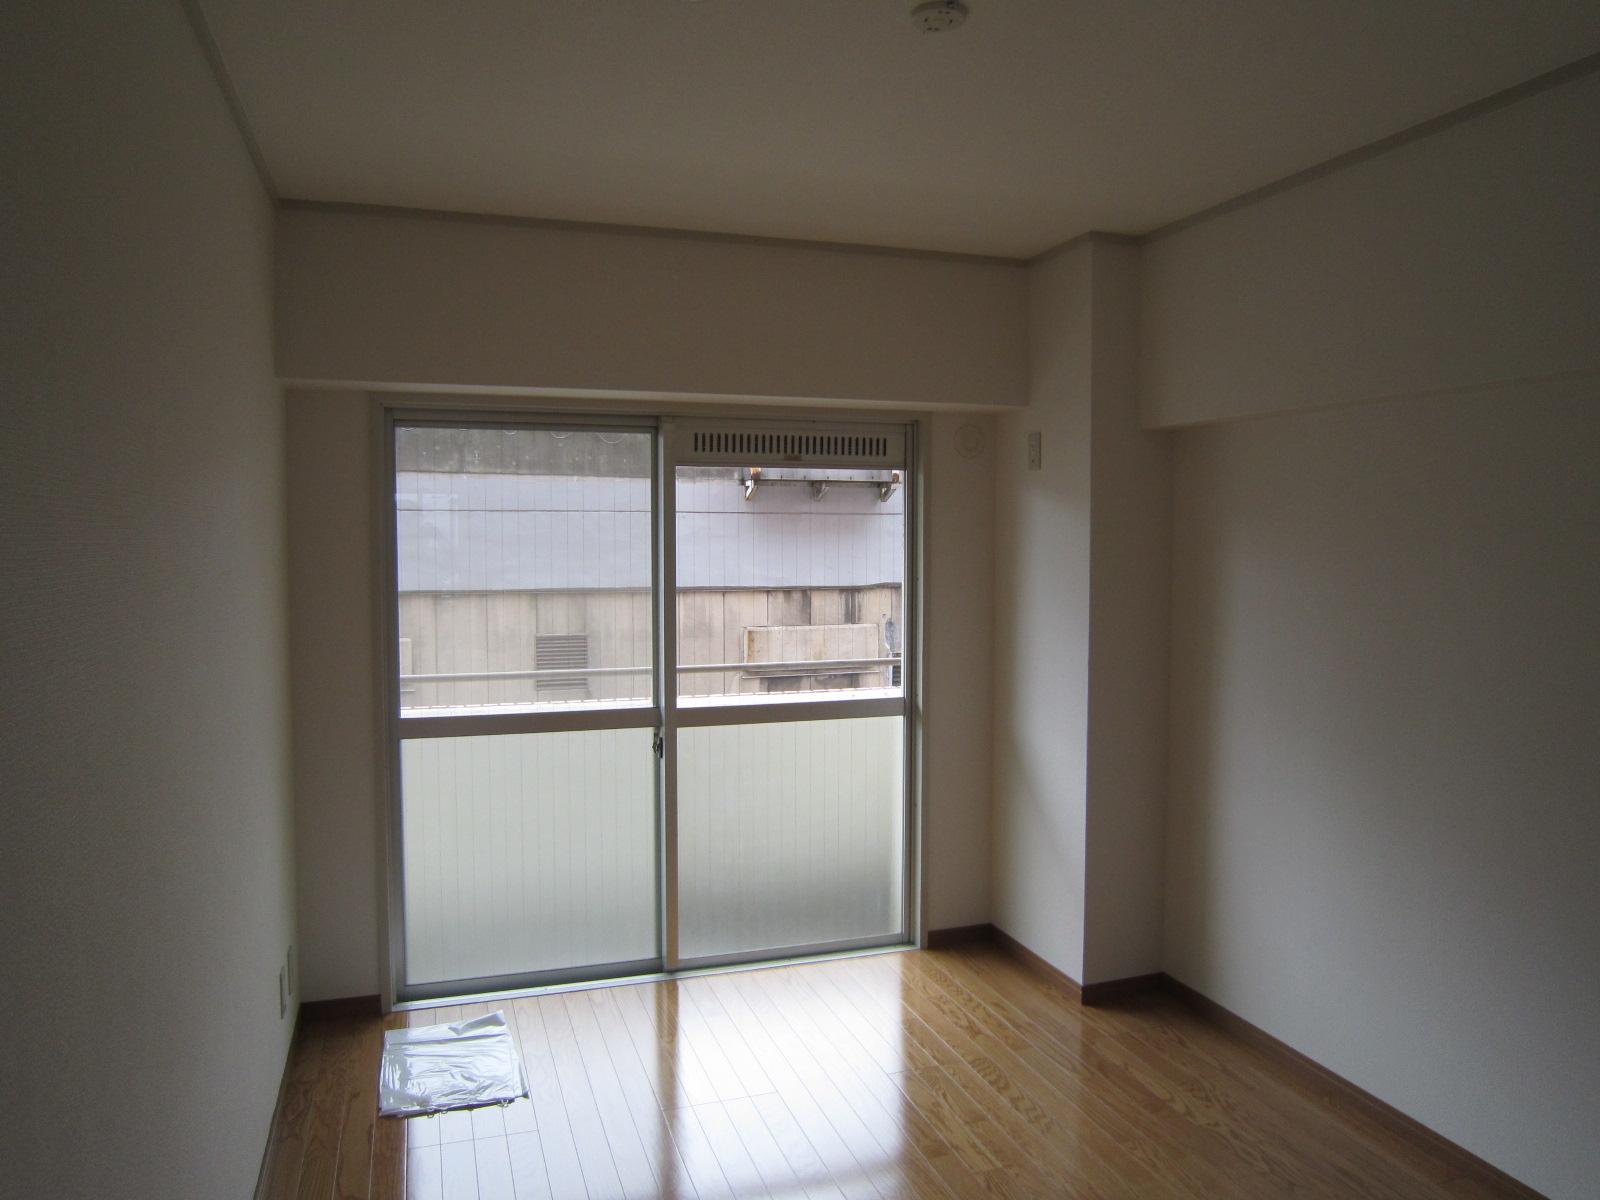 大阪市北区 賃貸マンションリフォームイメージ04